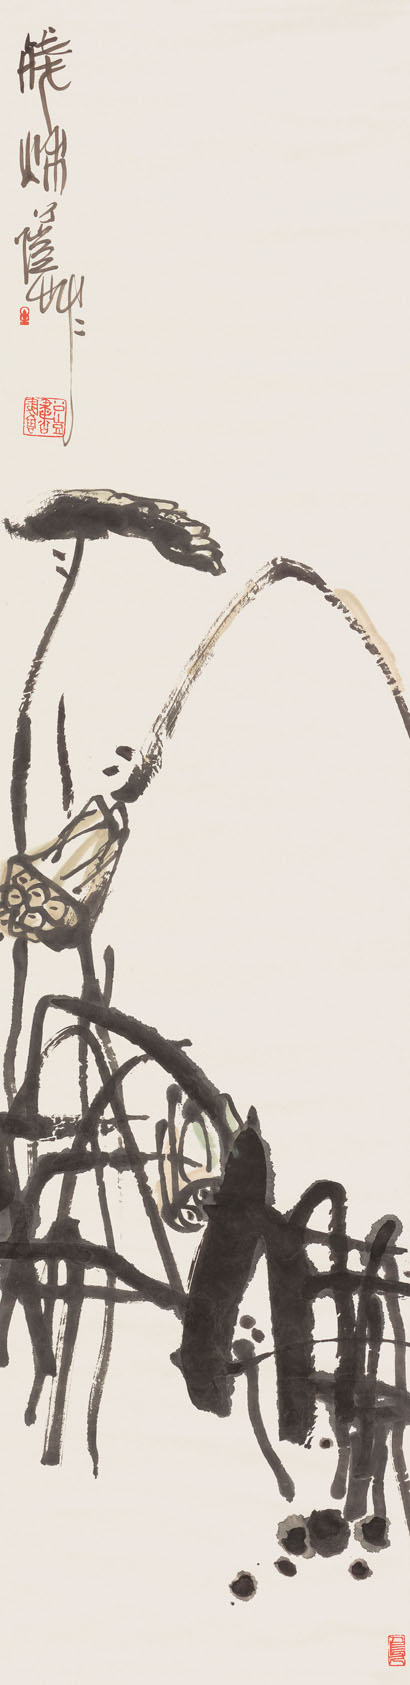 潘公凯 作品欣赏 - 呼吸森林 - 呼吸森林